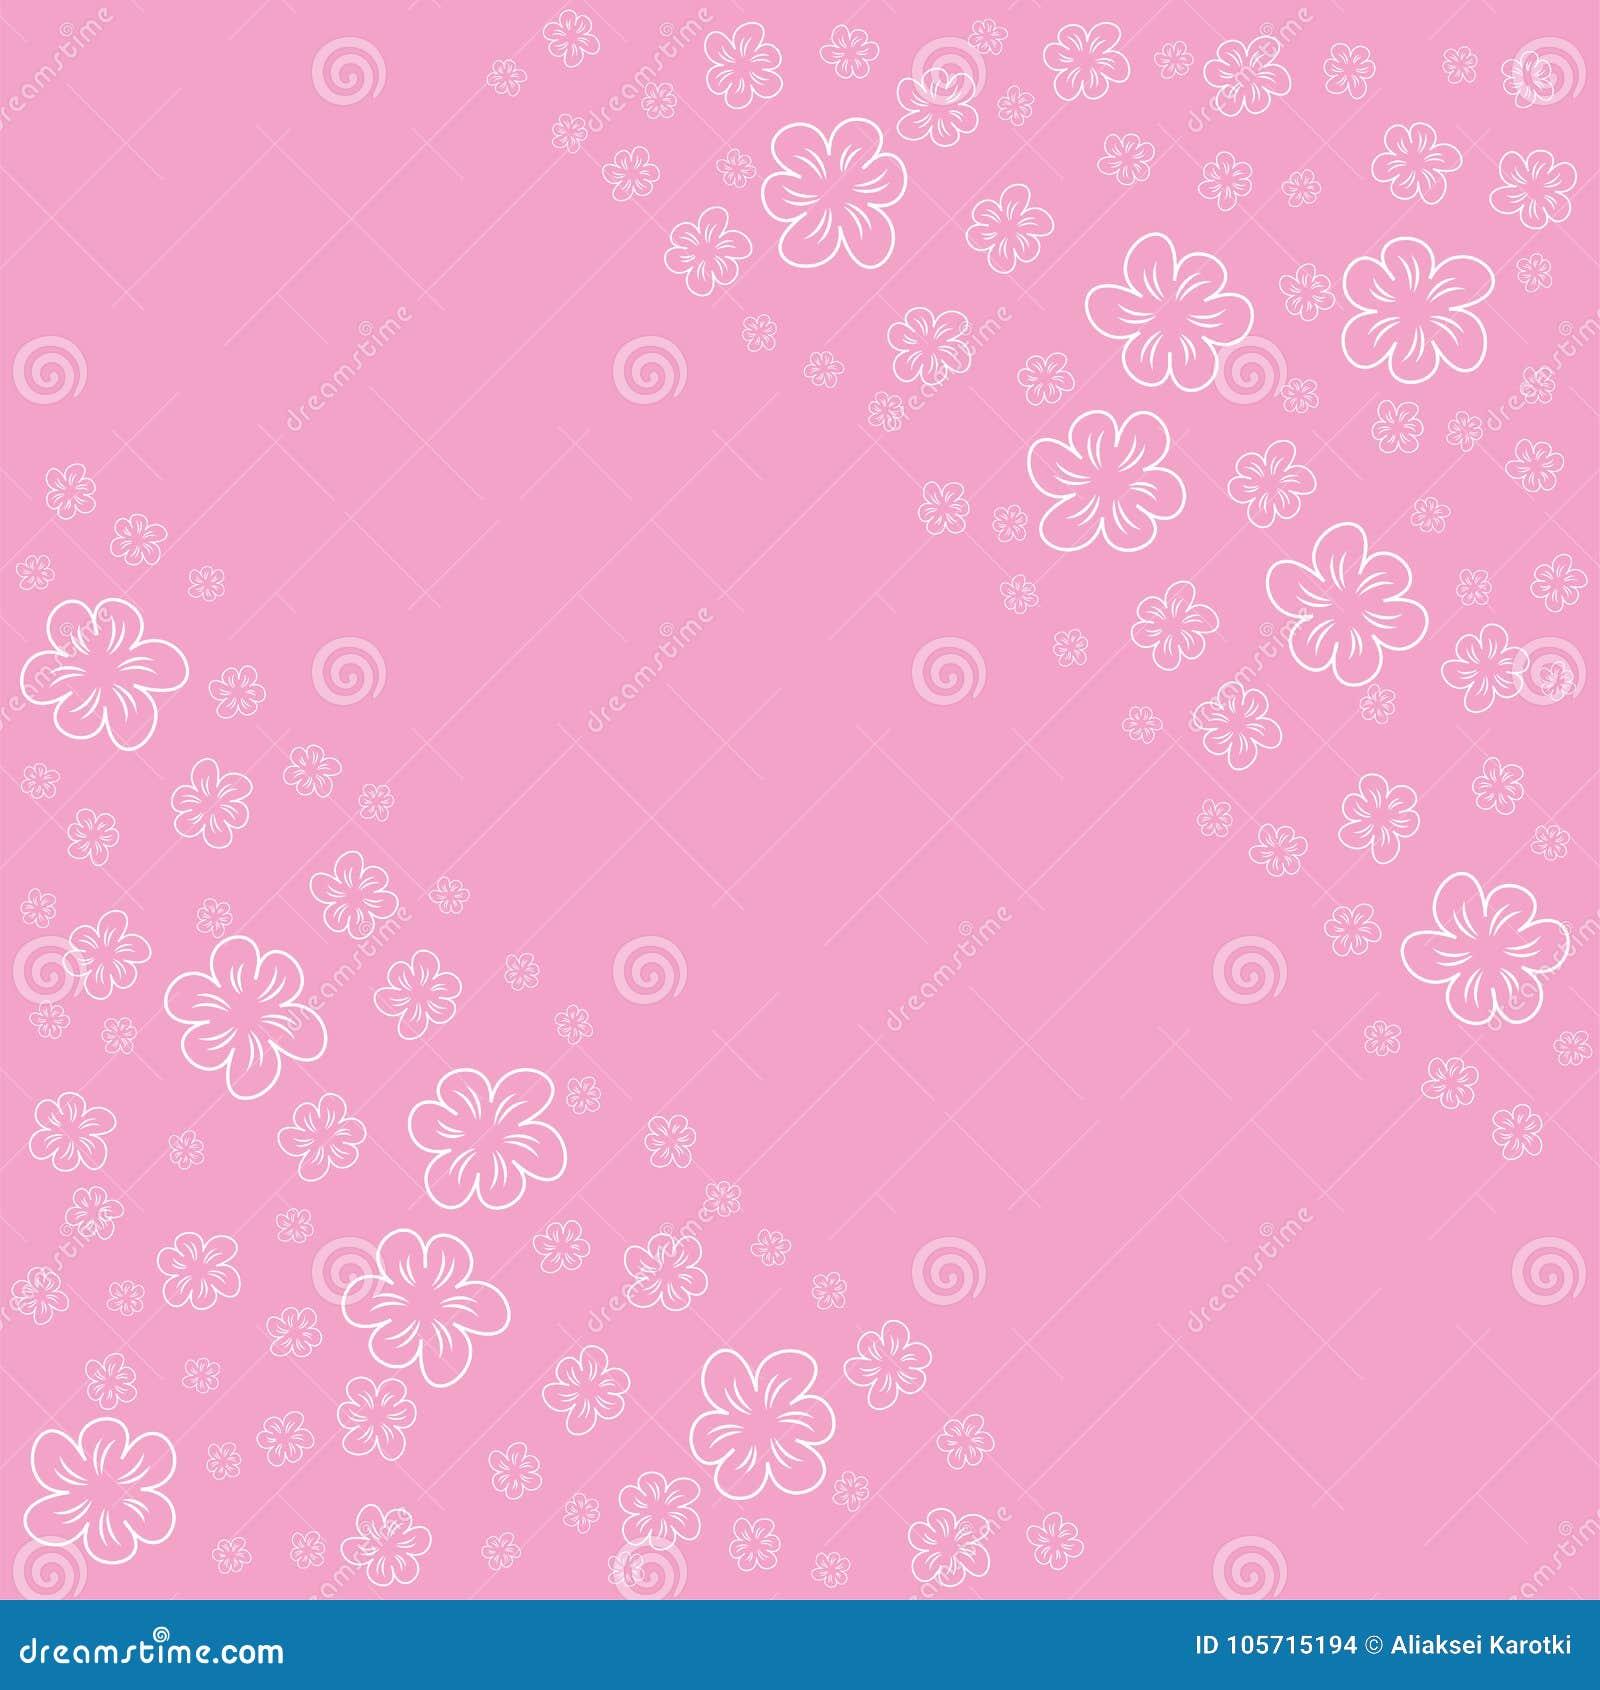 Abstract Bloemenkader Op Een Roze Achtergrond Voor Drukken